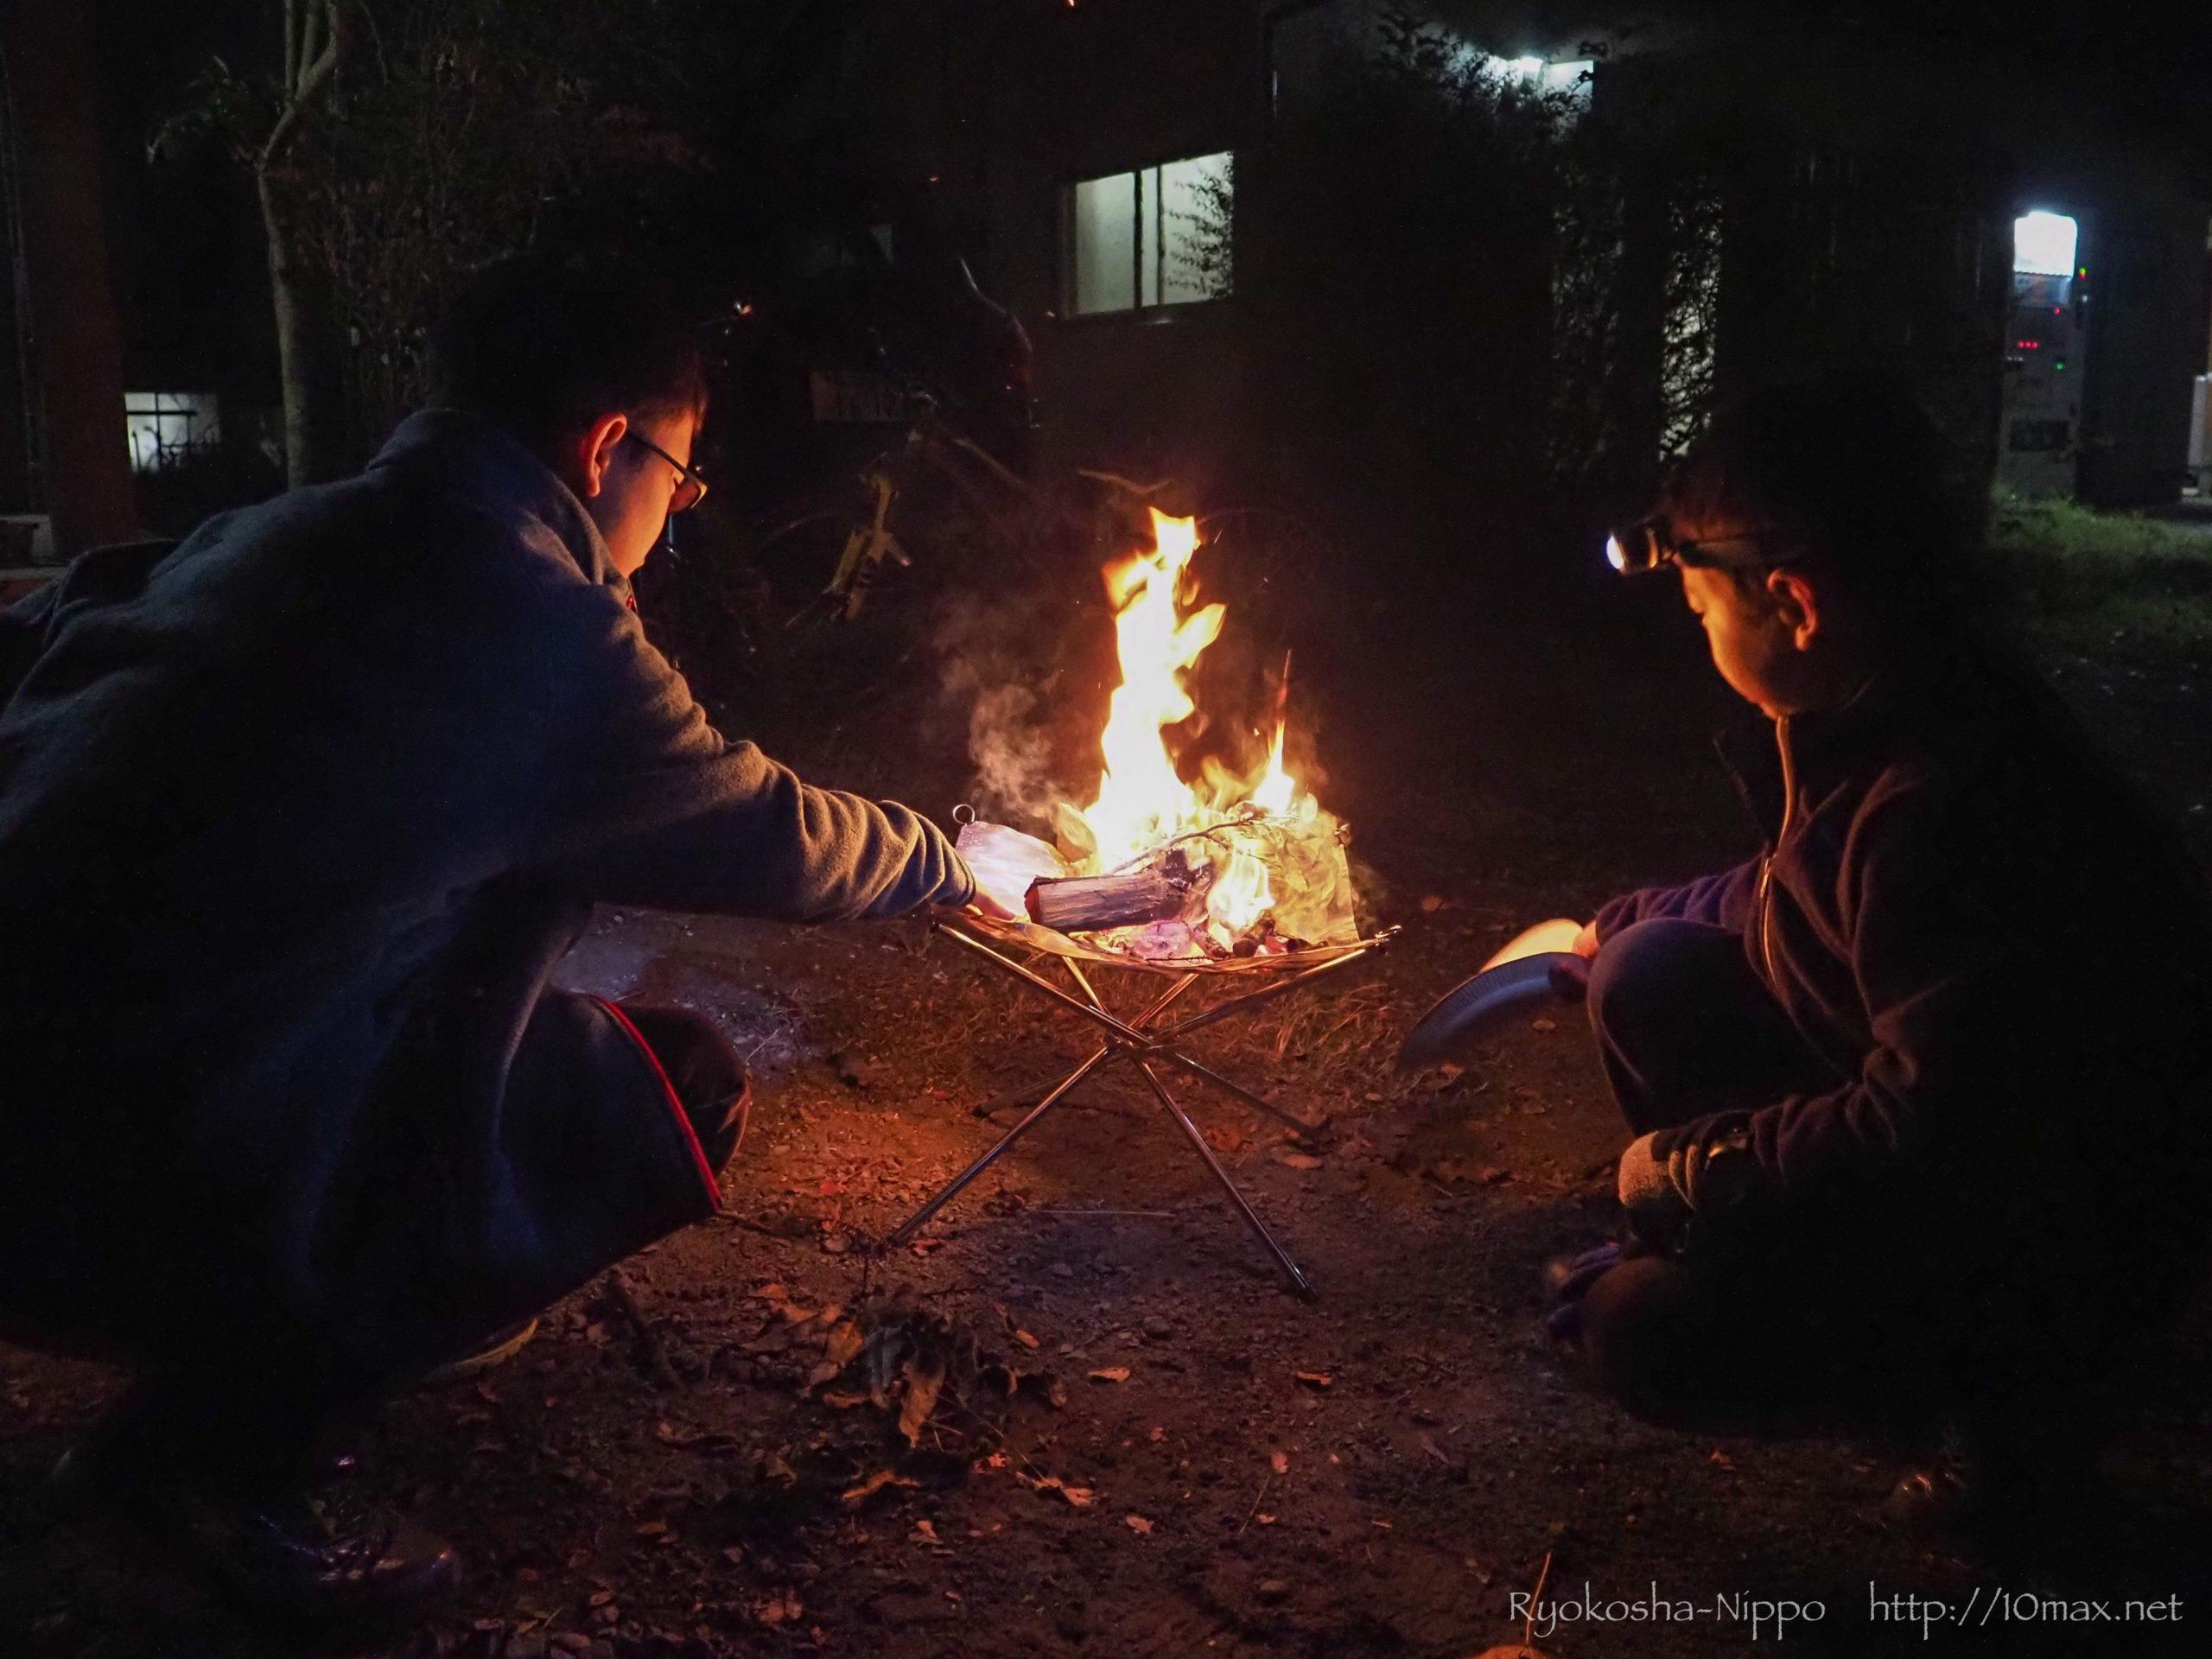 かずさオートキャンプ場 コテージ 秋キャンプ 焚火